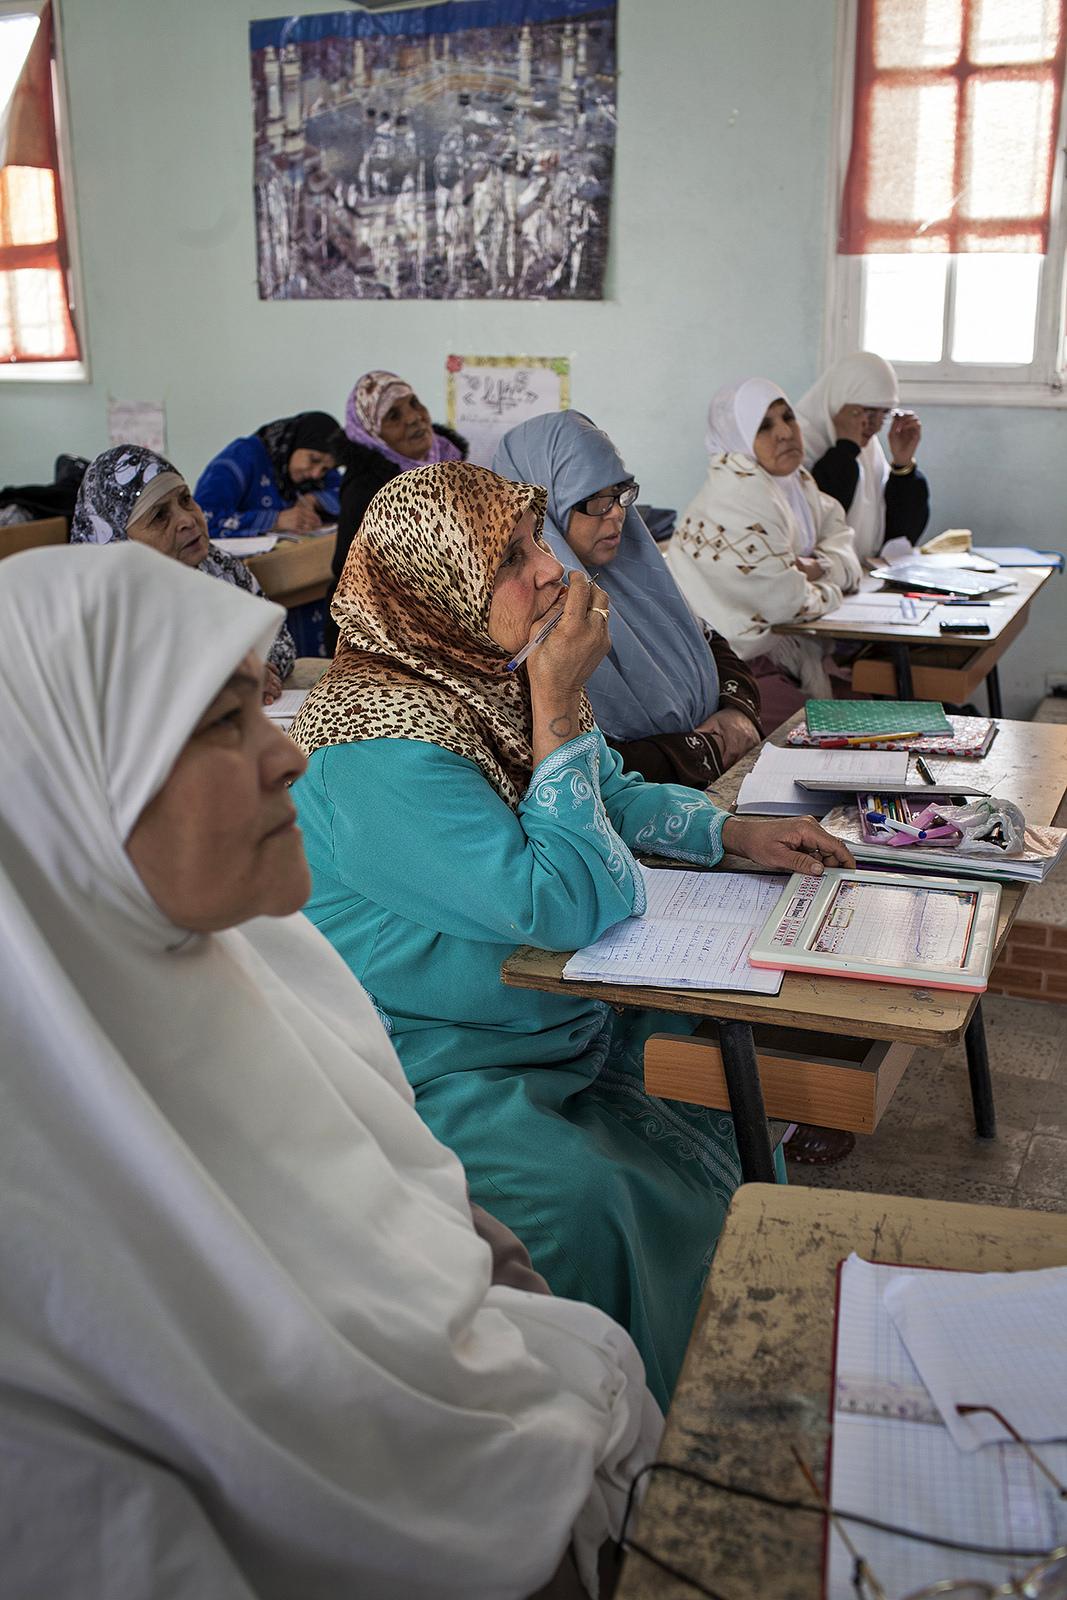 Cours d'alphabétisation pour les femmes dans une école primaire d'El Bordj (Algérie 2012)/ Photographie BTC, Belgian Development Agency fickr c.c)